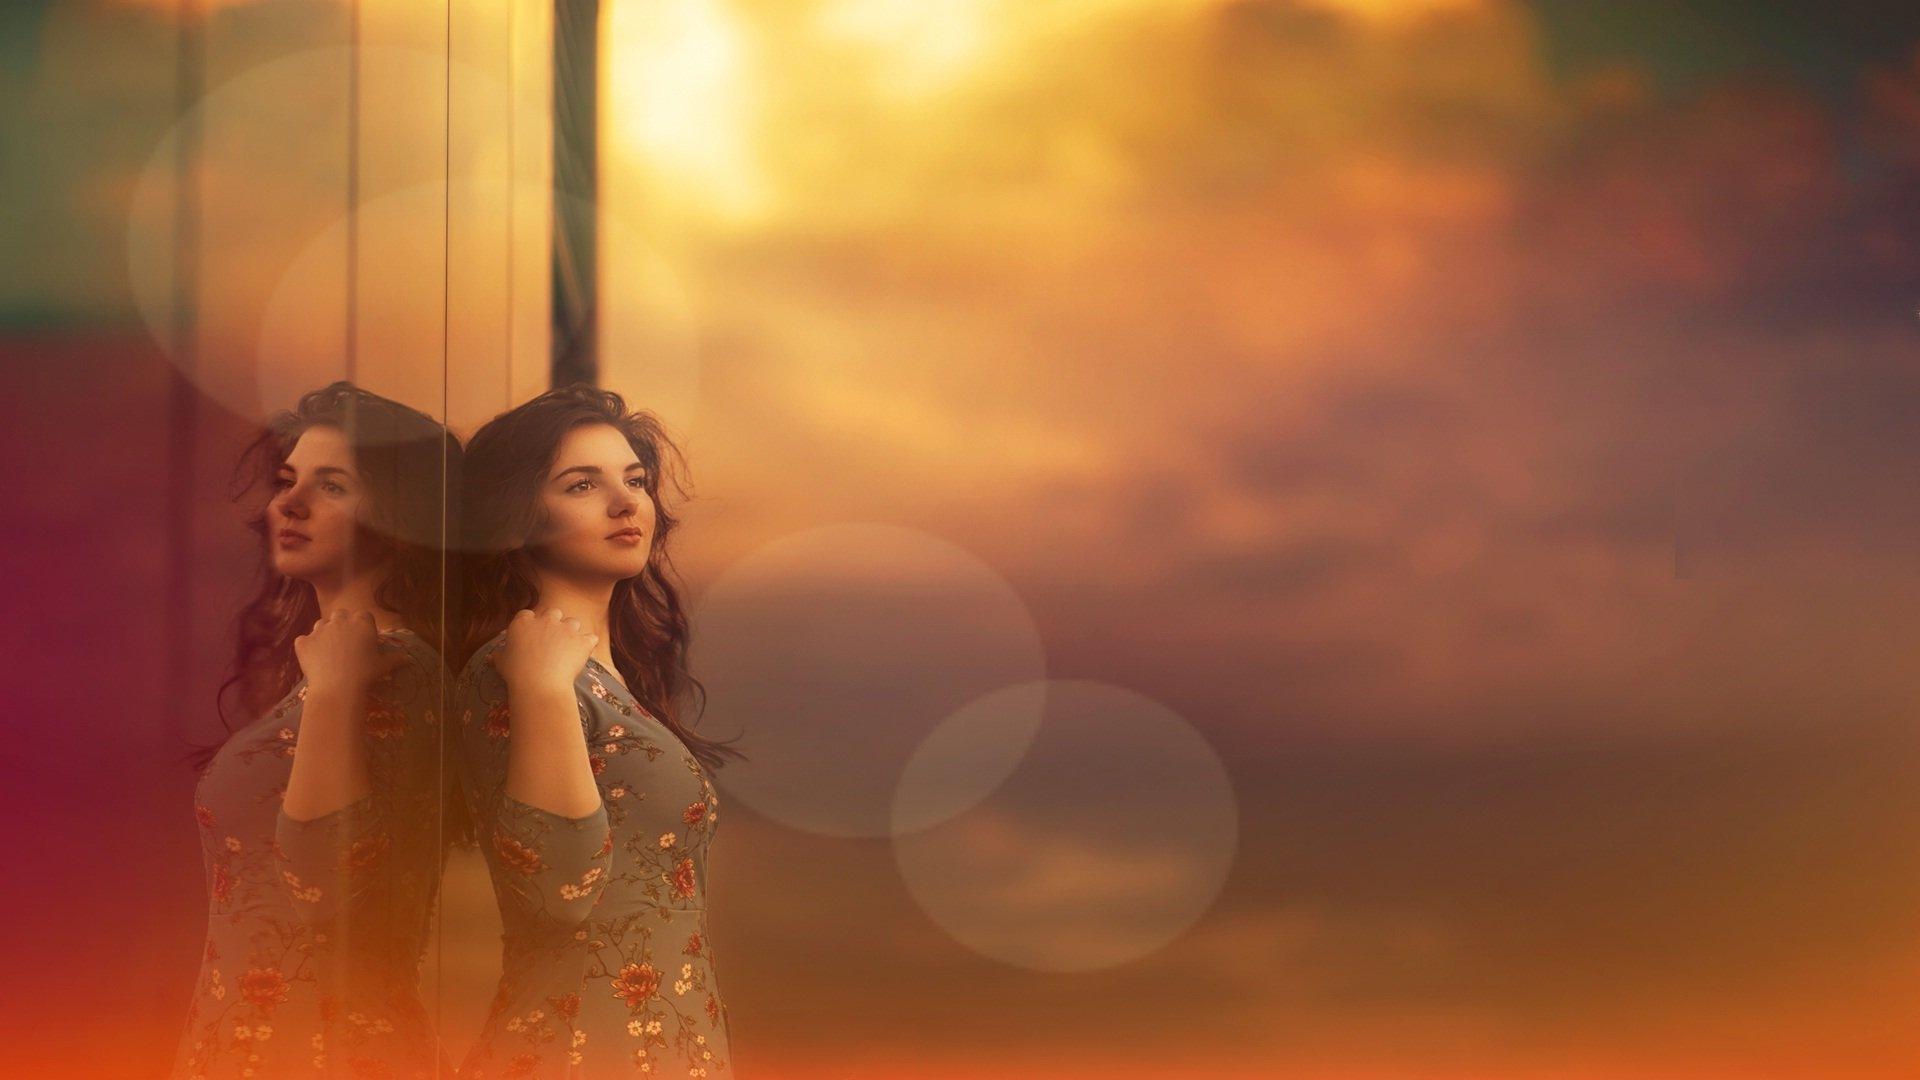 Beautiful Indian Girl , HD Wallpaper & Backgrounds